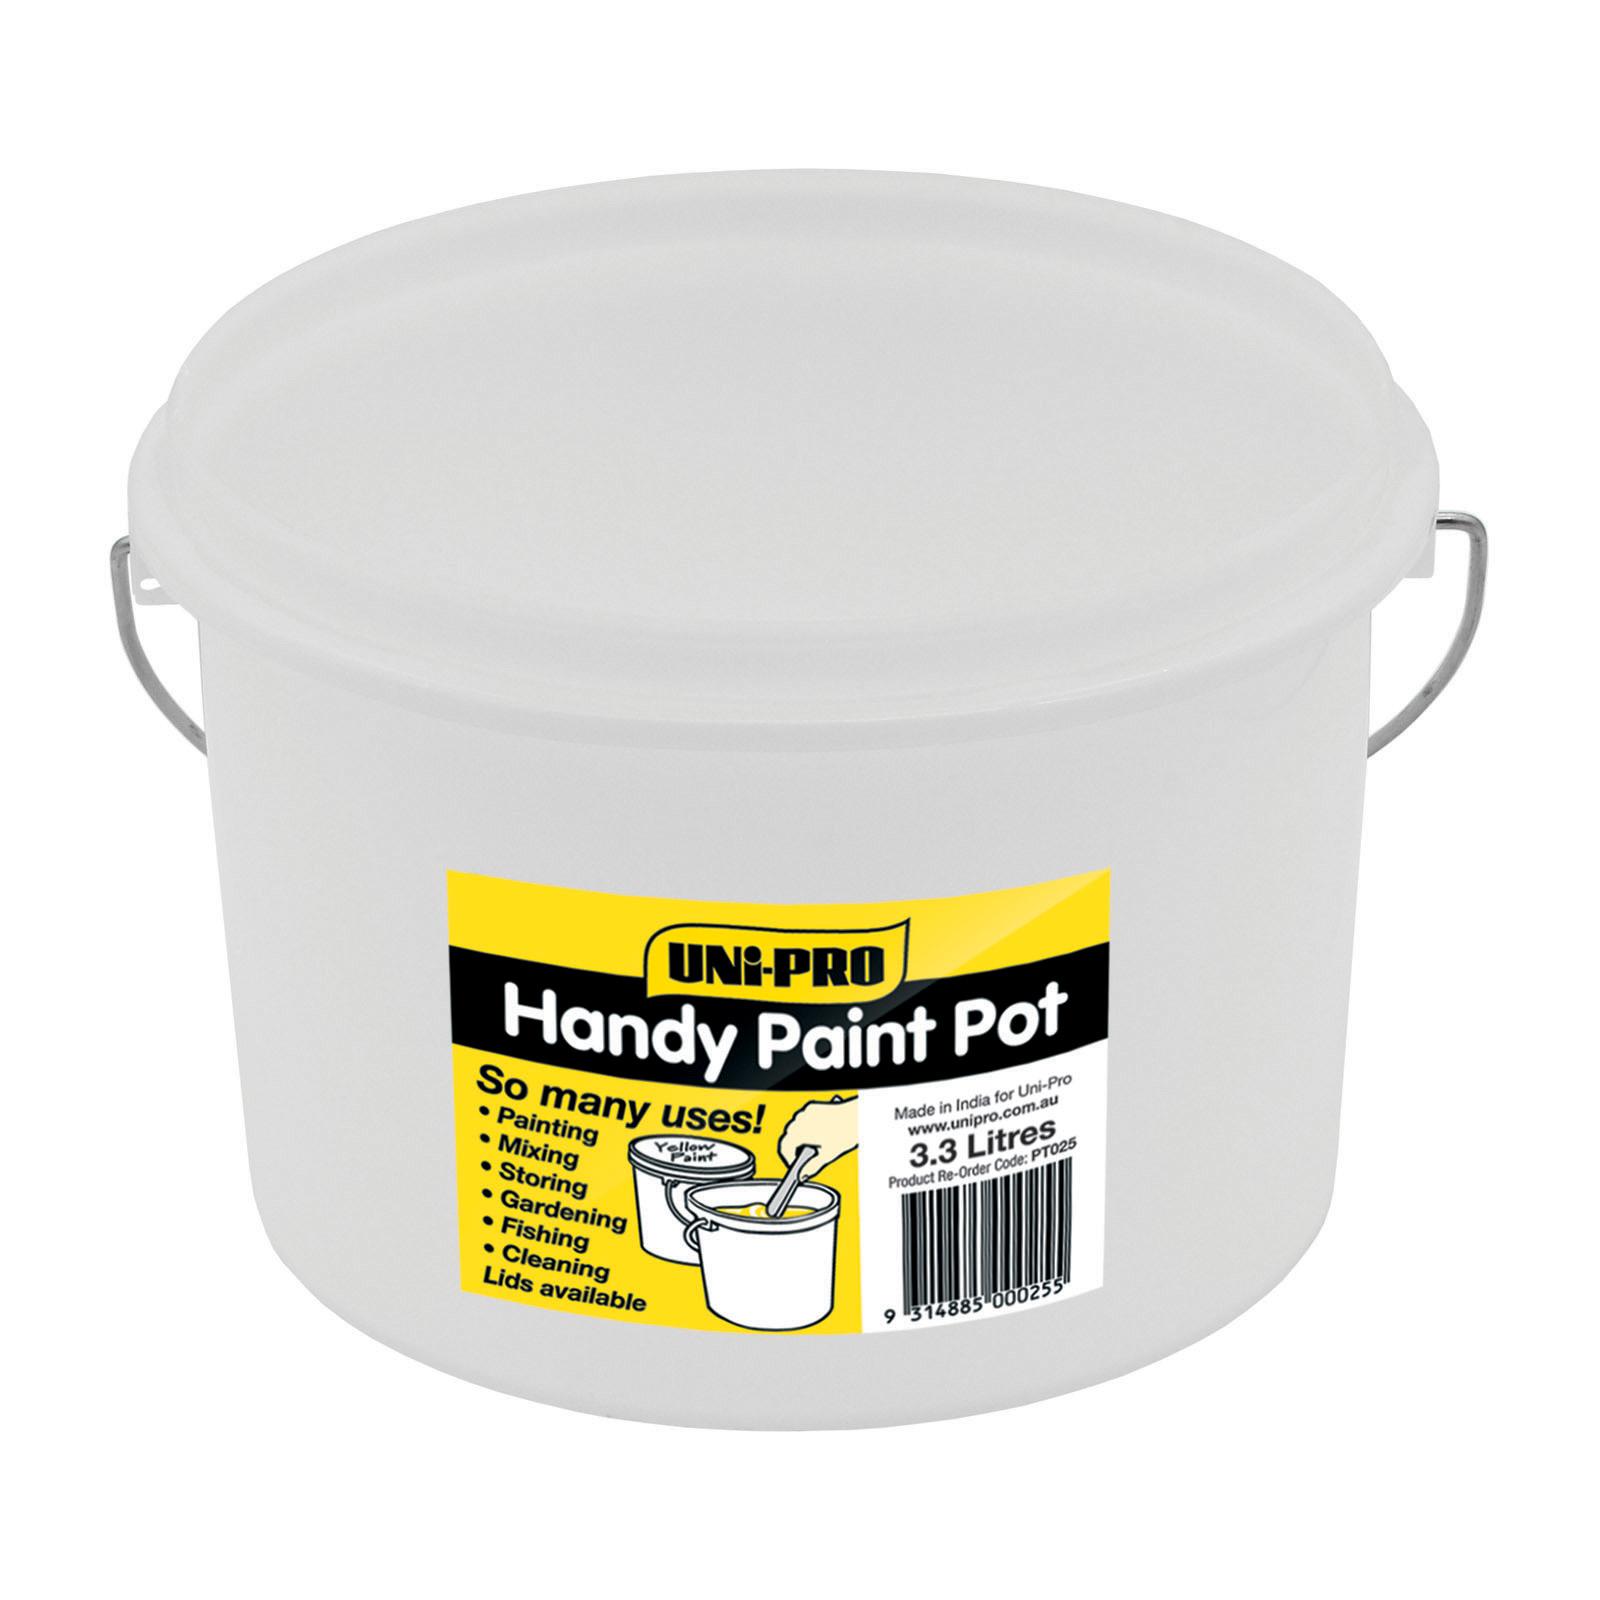 UNi-PRO Handy Paint Pot Plastic Lid